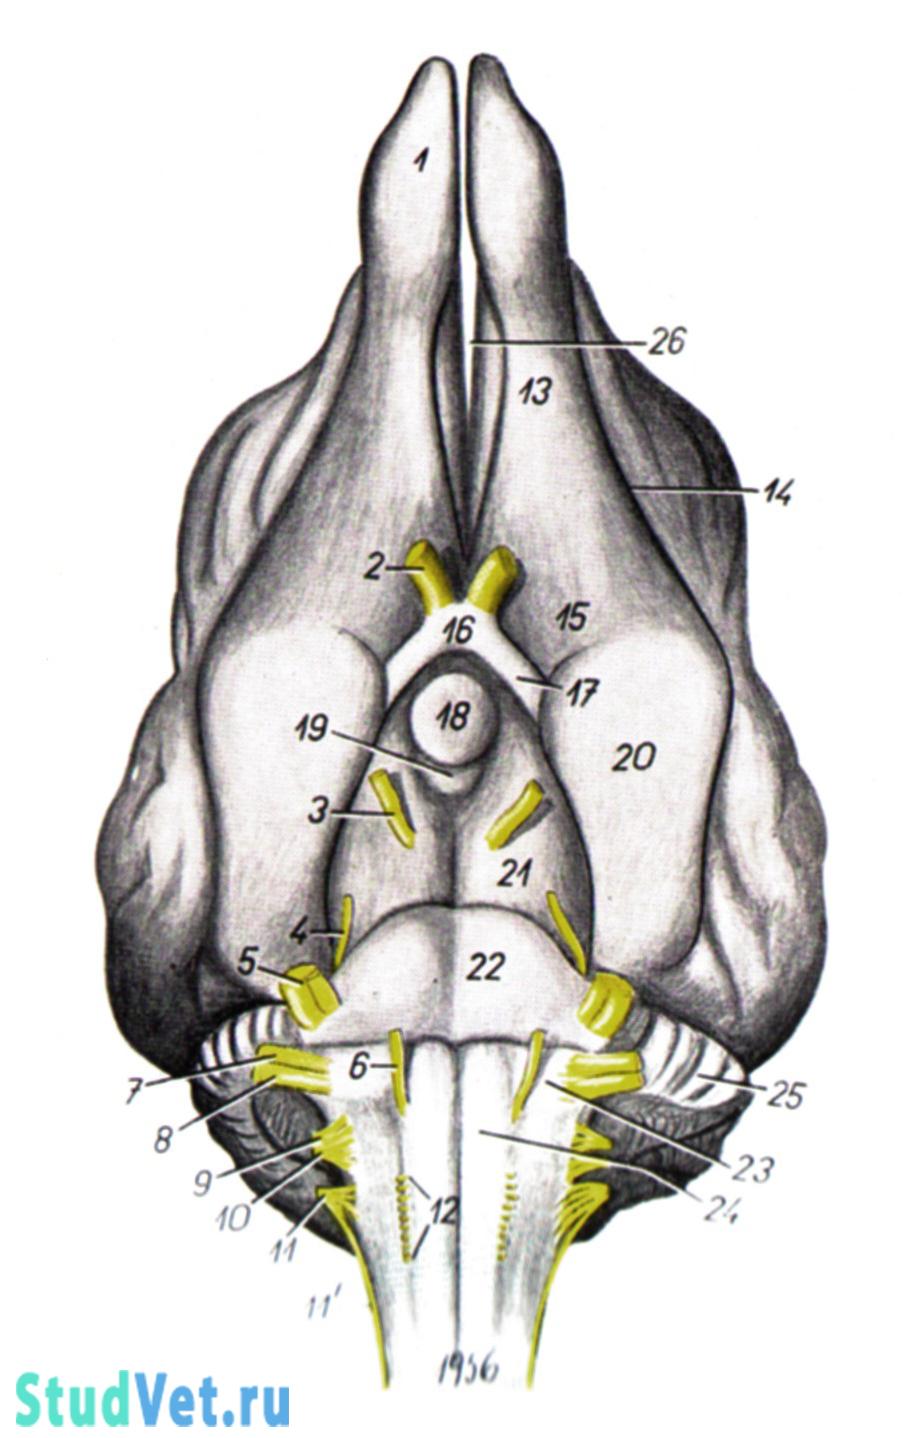 Рис. 2. Базальная поверхность головного мозга собаки